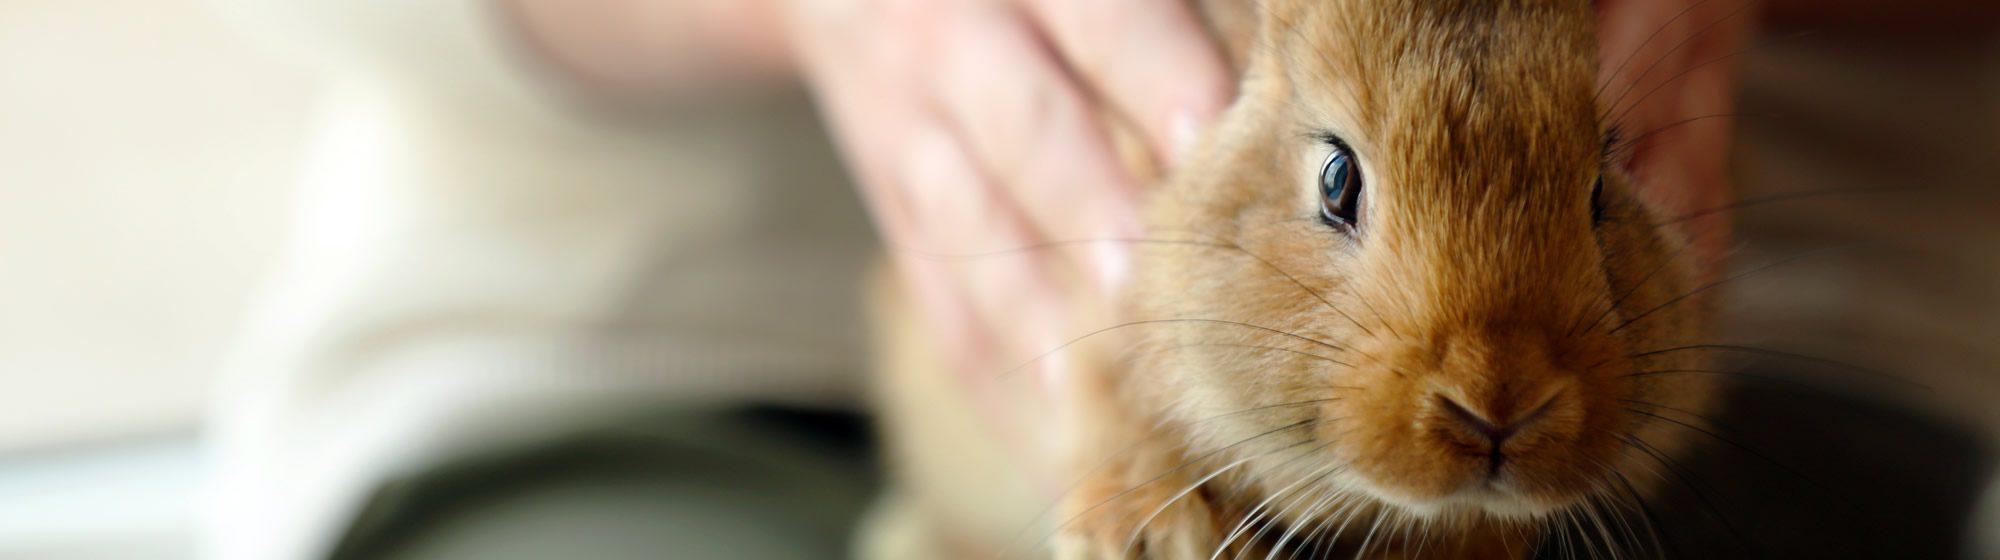 banner-rabbit